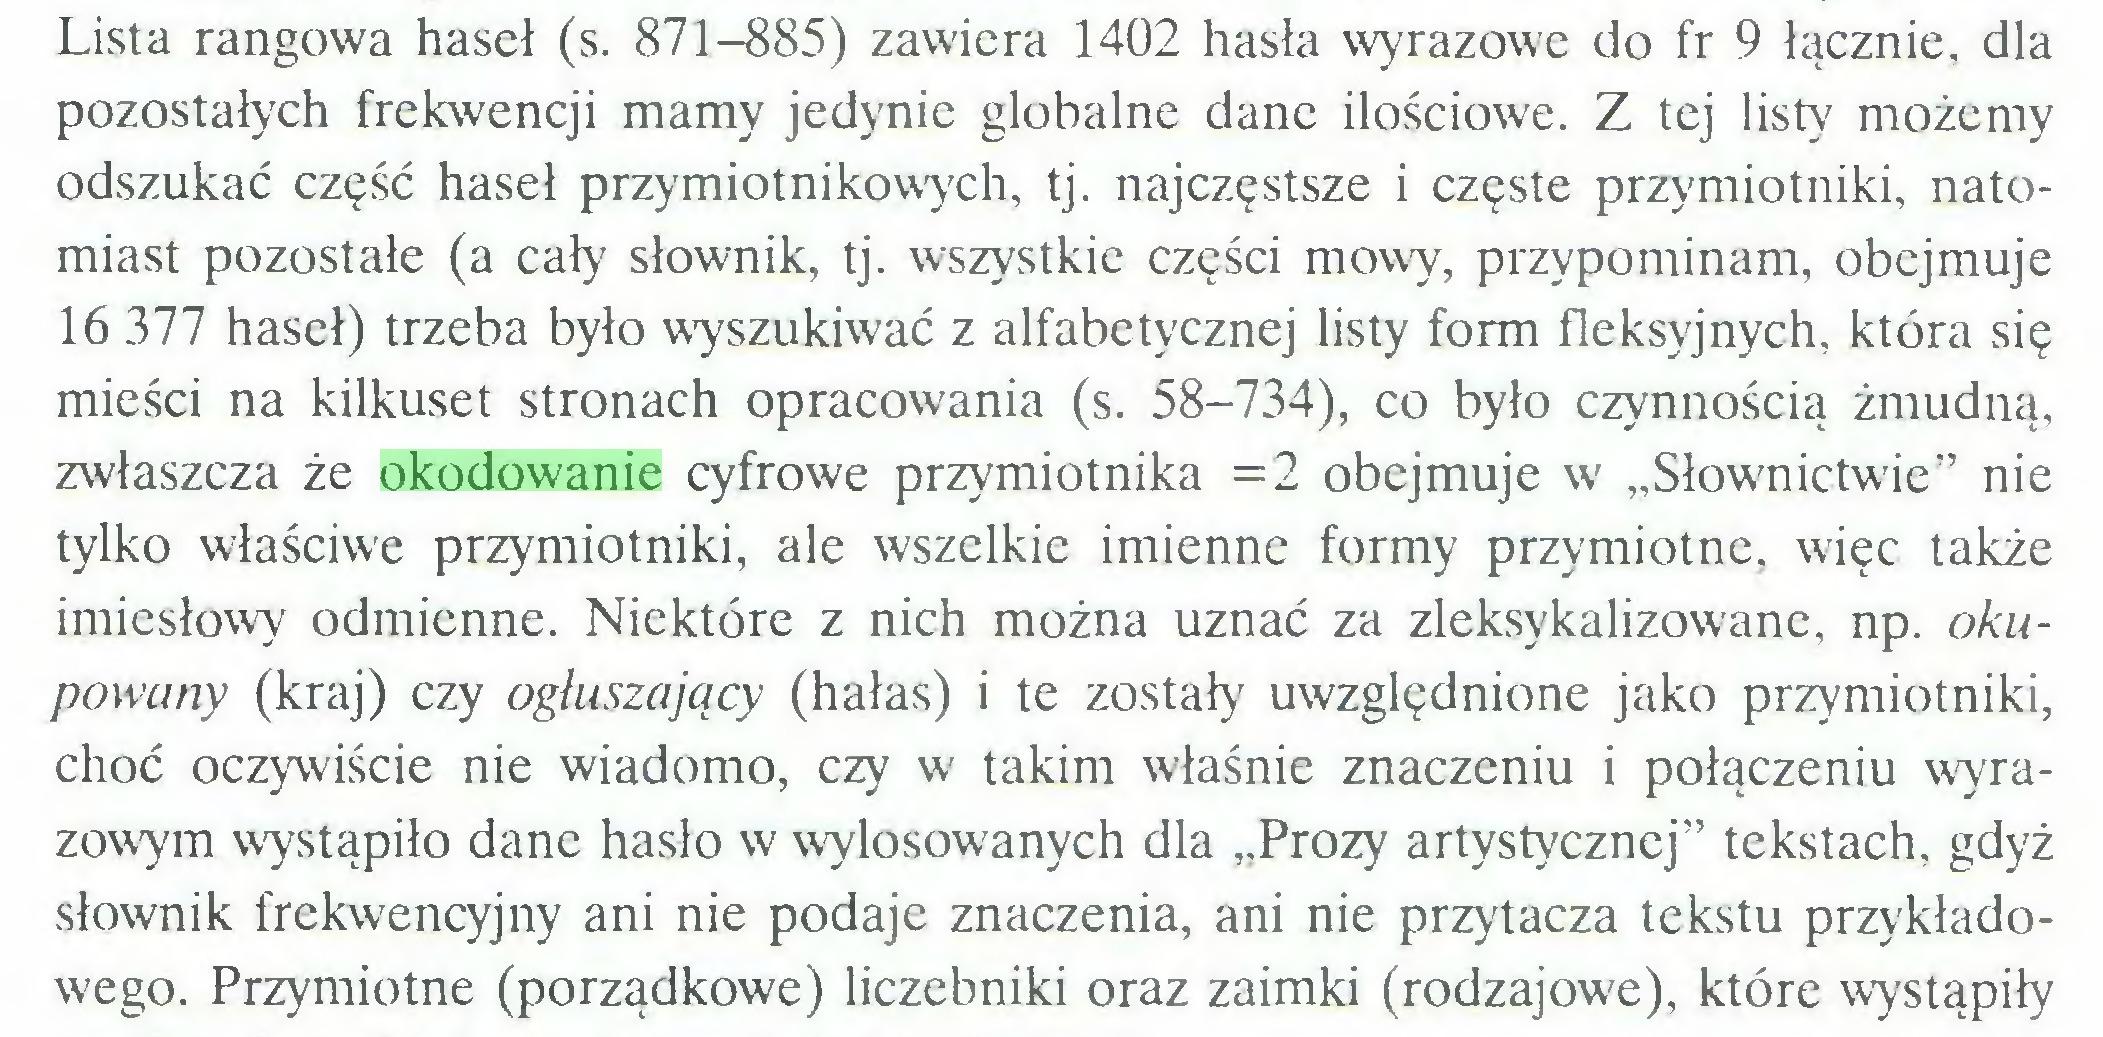 """(...) Lista rangowa haseł (s. 871-885) zawiera 1402 hasła wyrazowe do fr 9 łącznie, dla pozostałych frekwencji mamy jedynie globalne dane ilościowe. Z tej listy możemy odszukać część haseł przymiotnikowych, tj. najczęstsze i częste przymiotniki, natomiast pozostałe (a cały słownik, tj. wszystkie części mowy, przypominam, obejmuje 16 377 haseł) trzeba było wyszukiwać z alfabetycznej listy form fleksyjnych, która się mieści na kilkuset stronach opracowania (s. 58-734), co było czynnością żmudną, zwłaszcza że okodowanie cyfrowe przymiotnika =2 obejmuje w """"Słownictwie"""" nie tylko właściwe przymiotniki, ale wszelkie imienne formy przymiotne, więc także imiesłowy odmienne. Niektóre z nich można uznać za zleksykalizowane, np. okupowany (kraj) czy ogłuszający (hałas) i te zostały uwzględnione jako przymiotniki, choć oczywiście nie wiadomo, czy w takim właśnie znaczeniu i połączeniu wyrazowym wystąpiło dane hasło w wylosowanych dla """"Prozy artystycznej"""" tekstach, gdyż słownik frekwencyjny ani nie podaje znaczenia, ani nie przytacza tekstu przykładowego. Przymiotne (porządkowe) liczebniki oraz zaimki (rodzajowe), które wystąpiły..."""